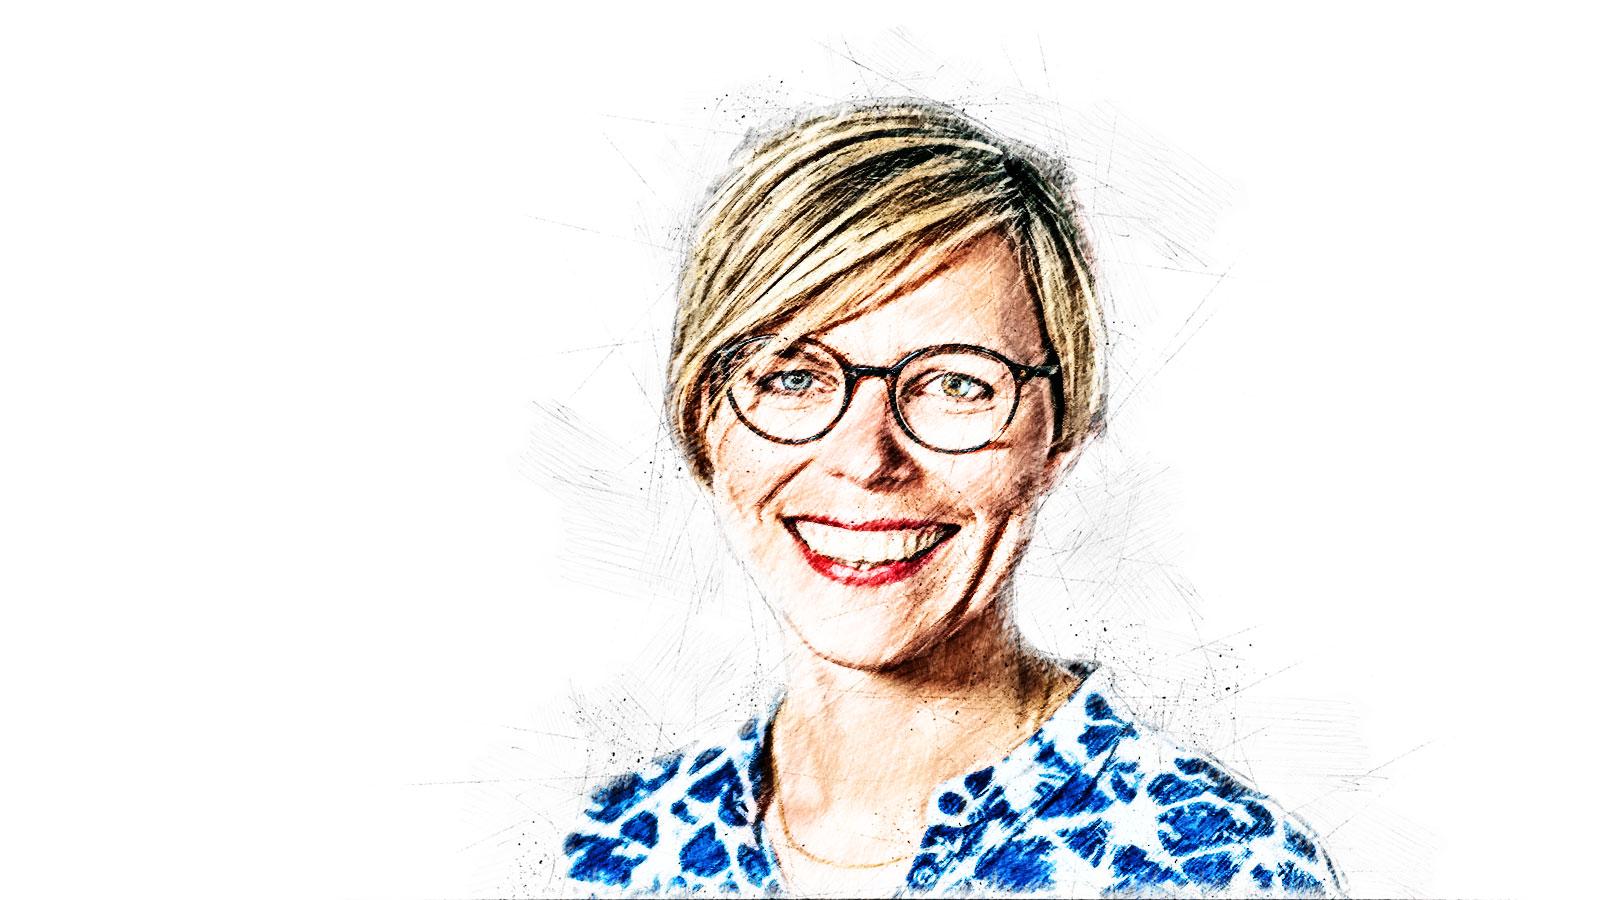 Eva Berendsen, Bildungsstätte, Rechtsextremismus, Hessen, Journalistin